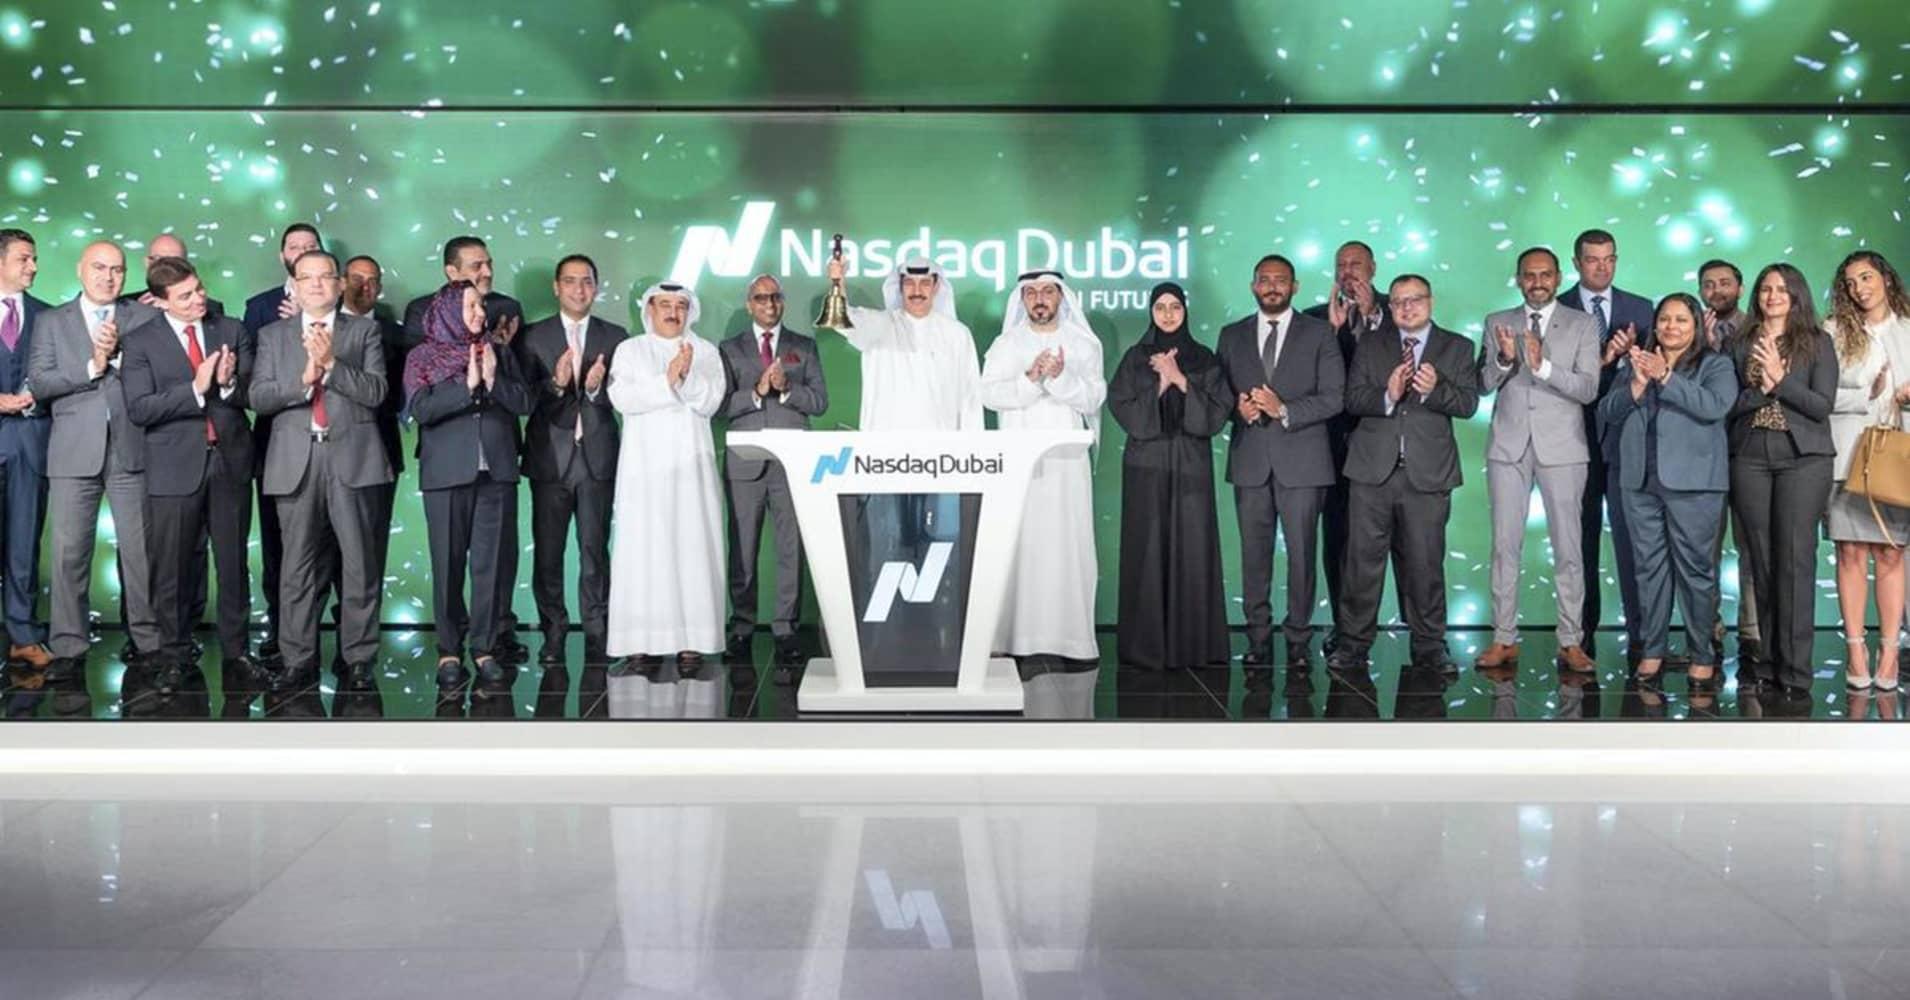 Nasdaq Dubai launches Saudi futures in bid to diversify investor offering